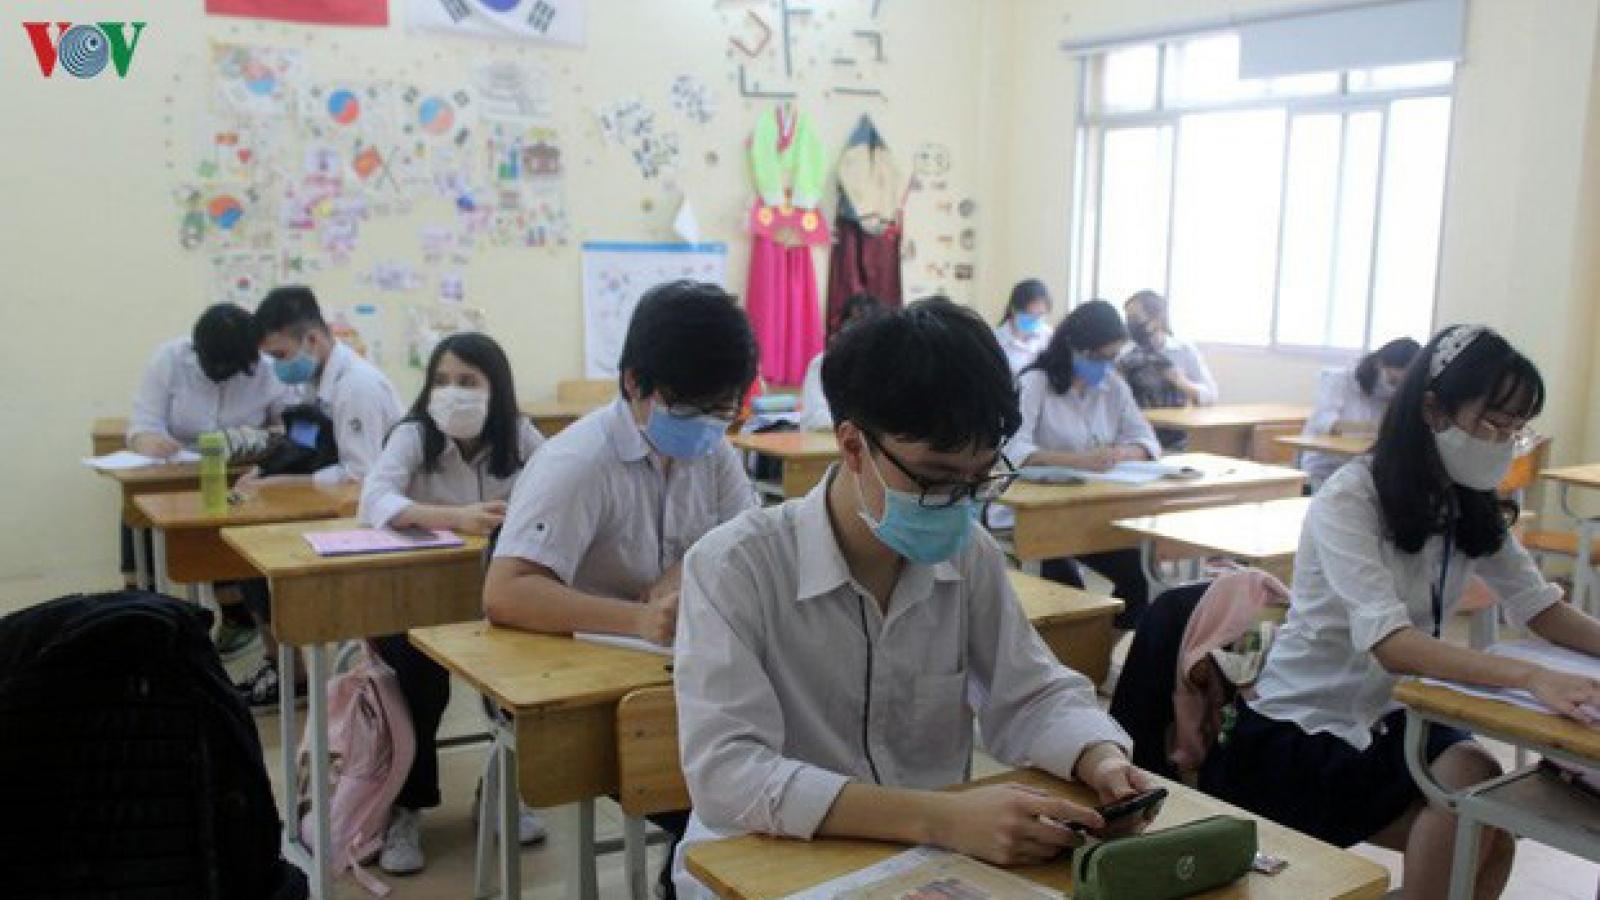 Hà Nội điều động 320 cán bộ, giáo viên làm nhiệm vụ thanh tra coi thi